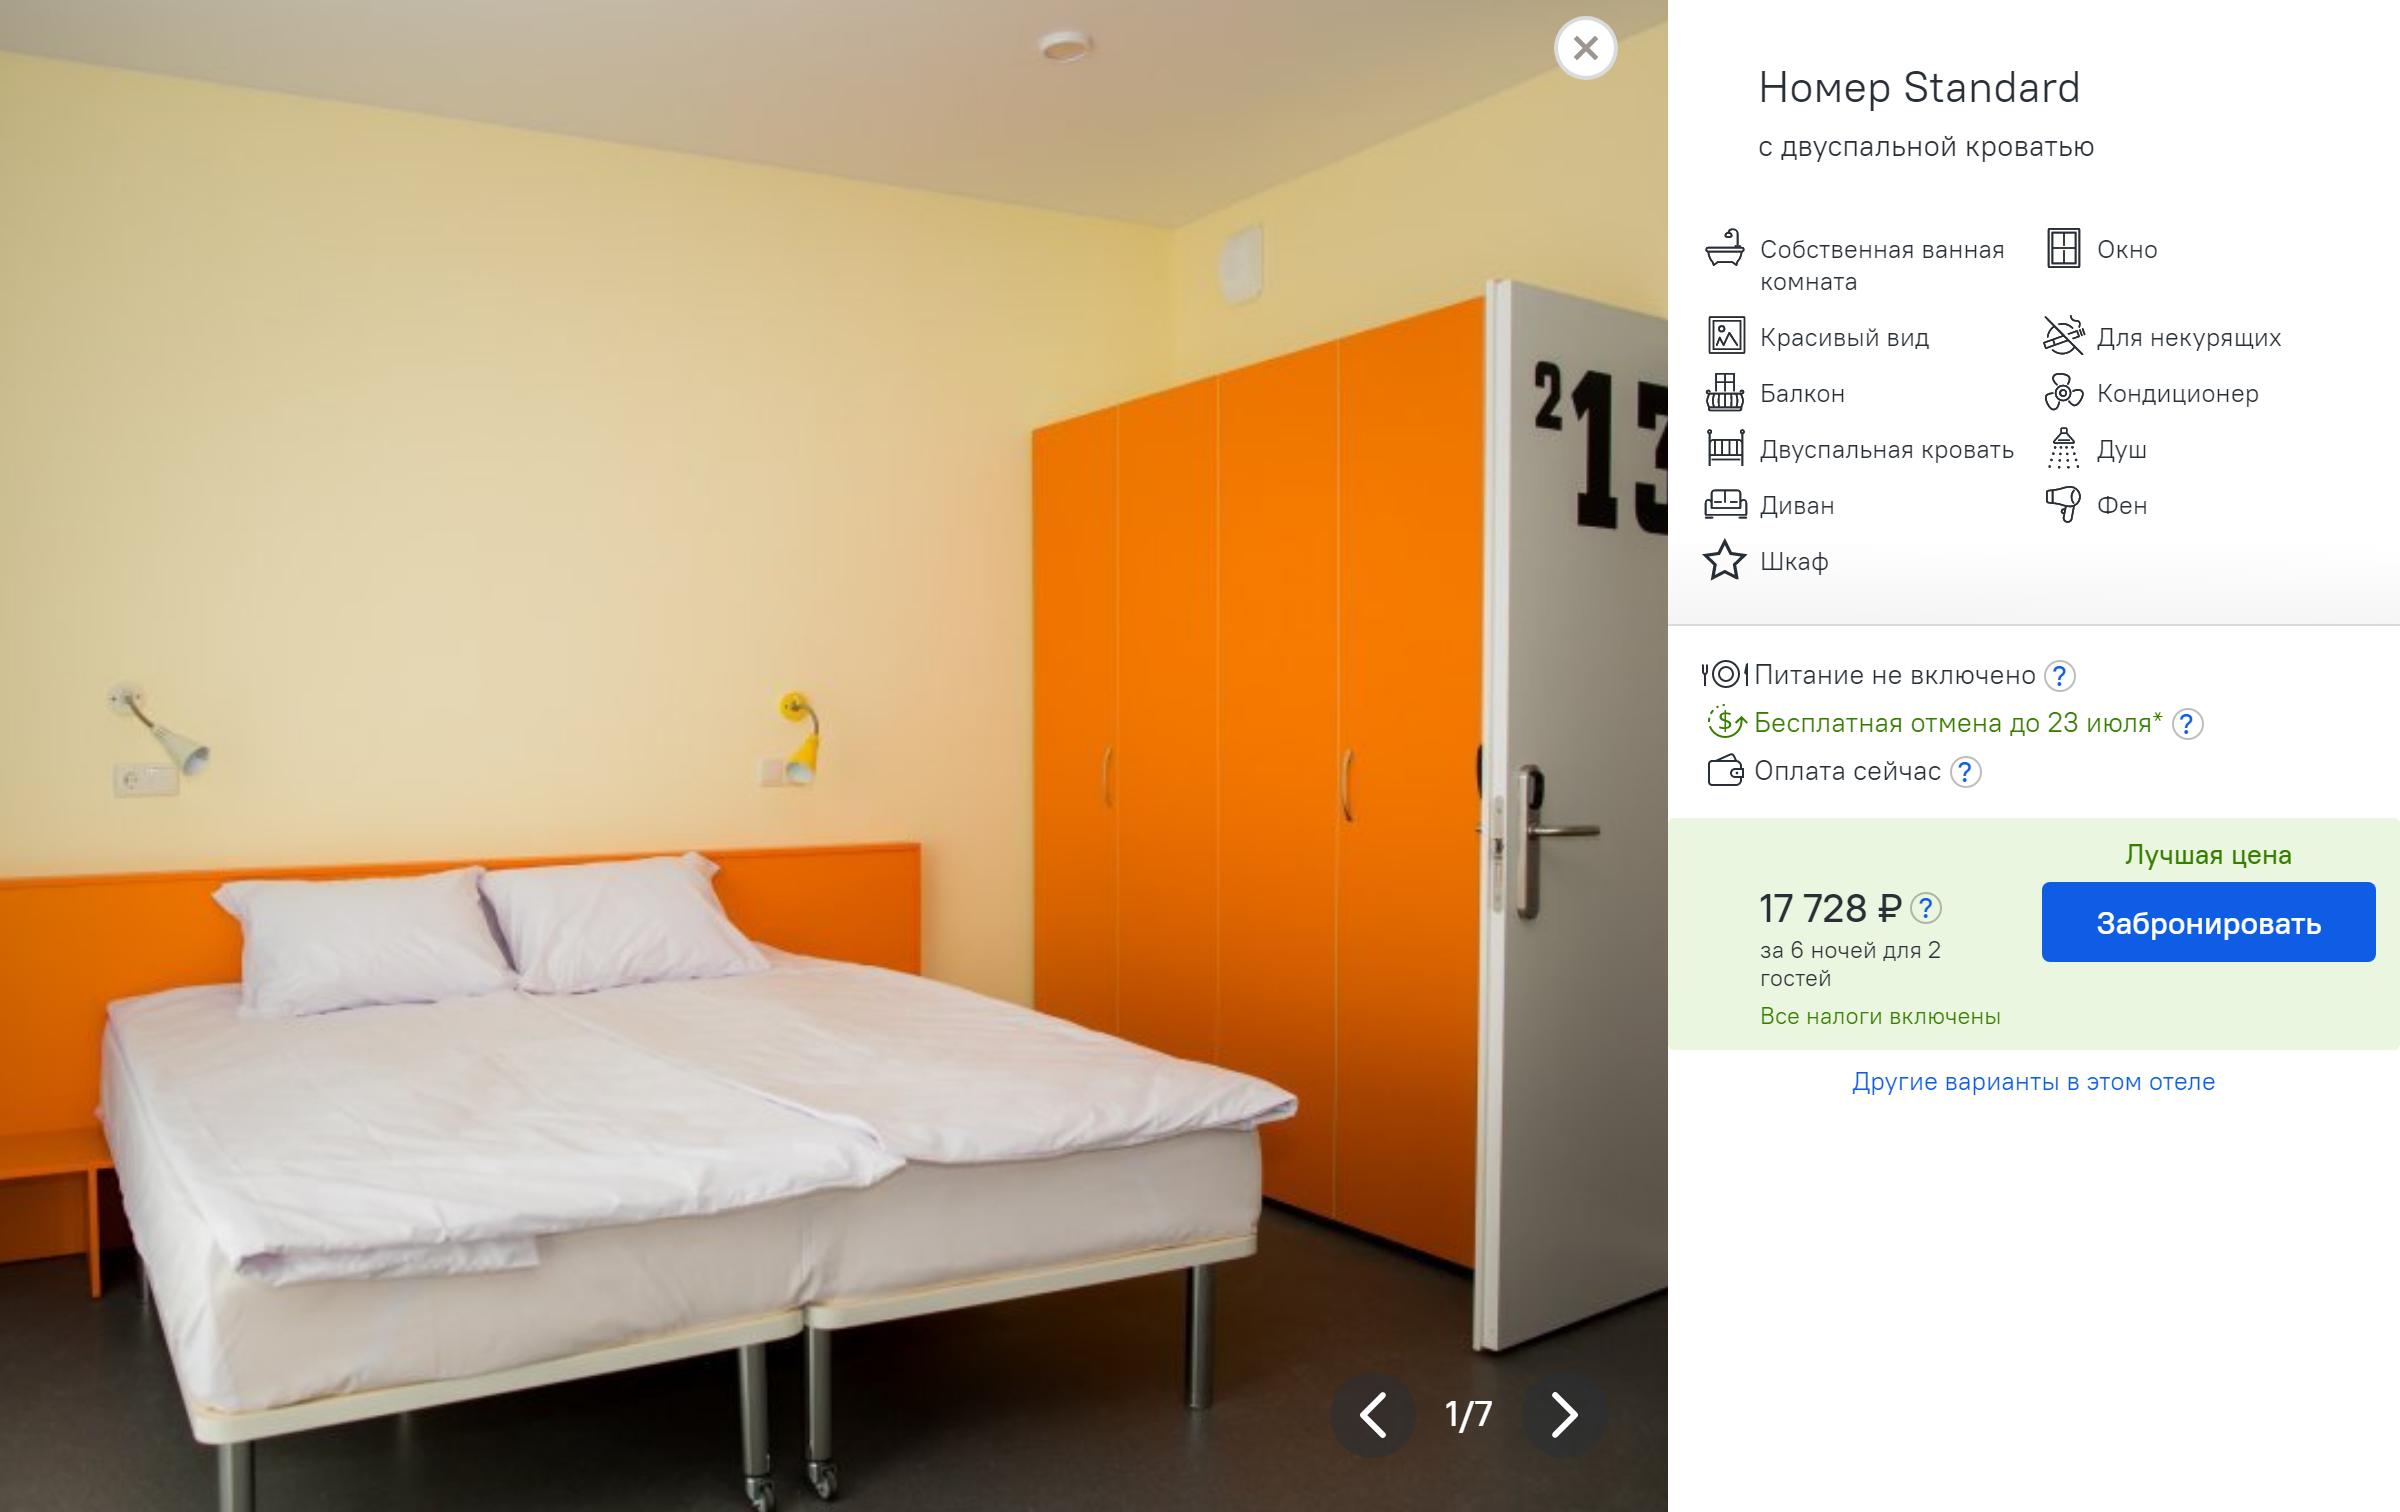 Интерьер отеля «Борода» в Ялте выглядит современно, но в некоторых номерах ванной комнаты нет. Шесть ночей для двоих в июле в номере «Стандарт» стоят 17 728 Р. Питание не включено